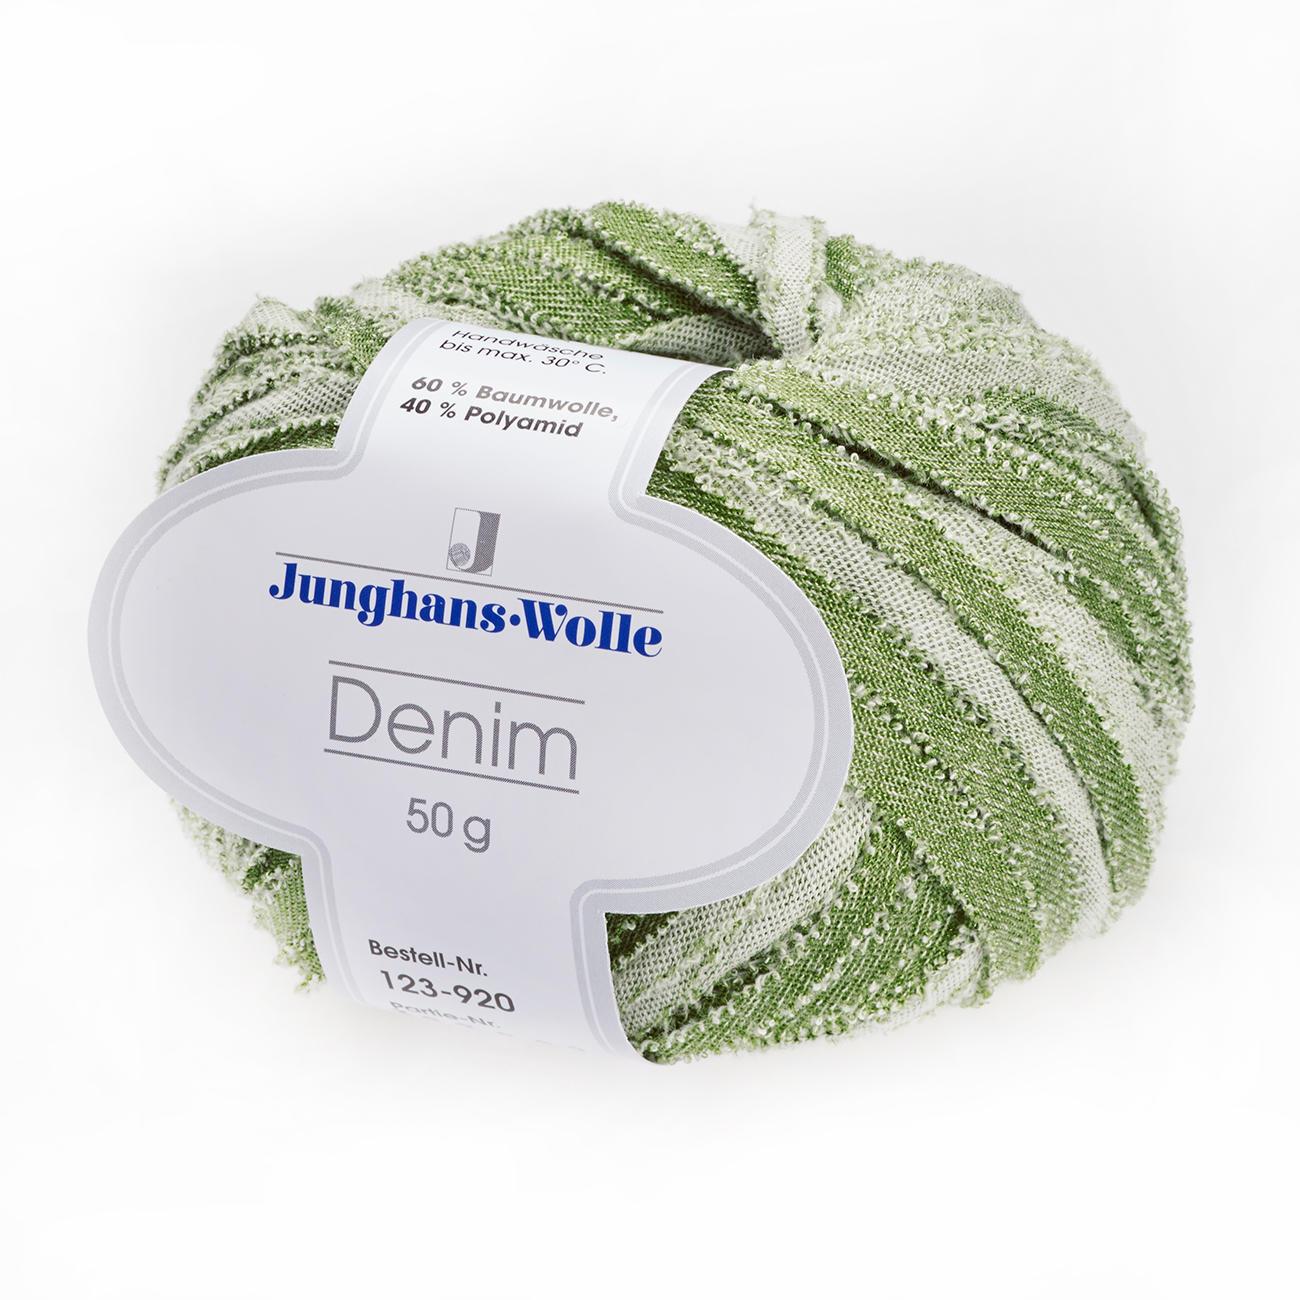 Denim von Junghans-Wolle, 6 versch. Farben